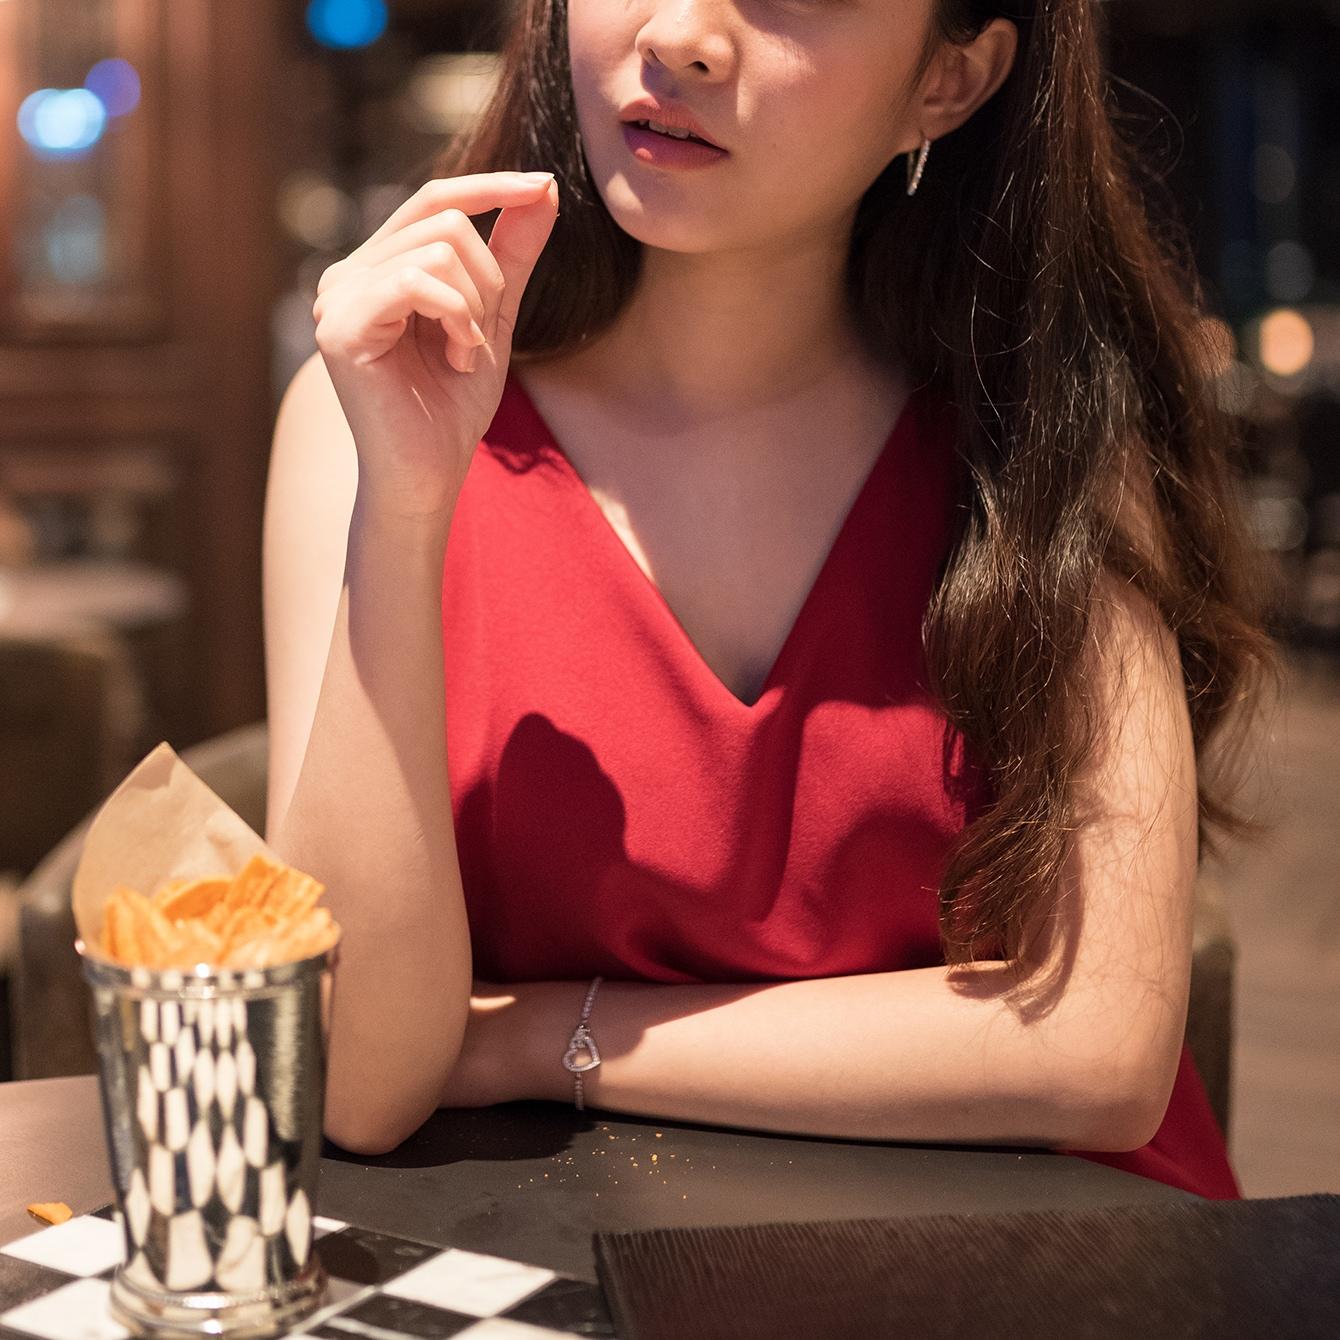 「こんなの初めて…」なワケない!百戦錬磨の33歳女が医者とのデートで悟った現実